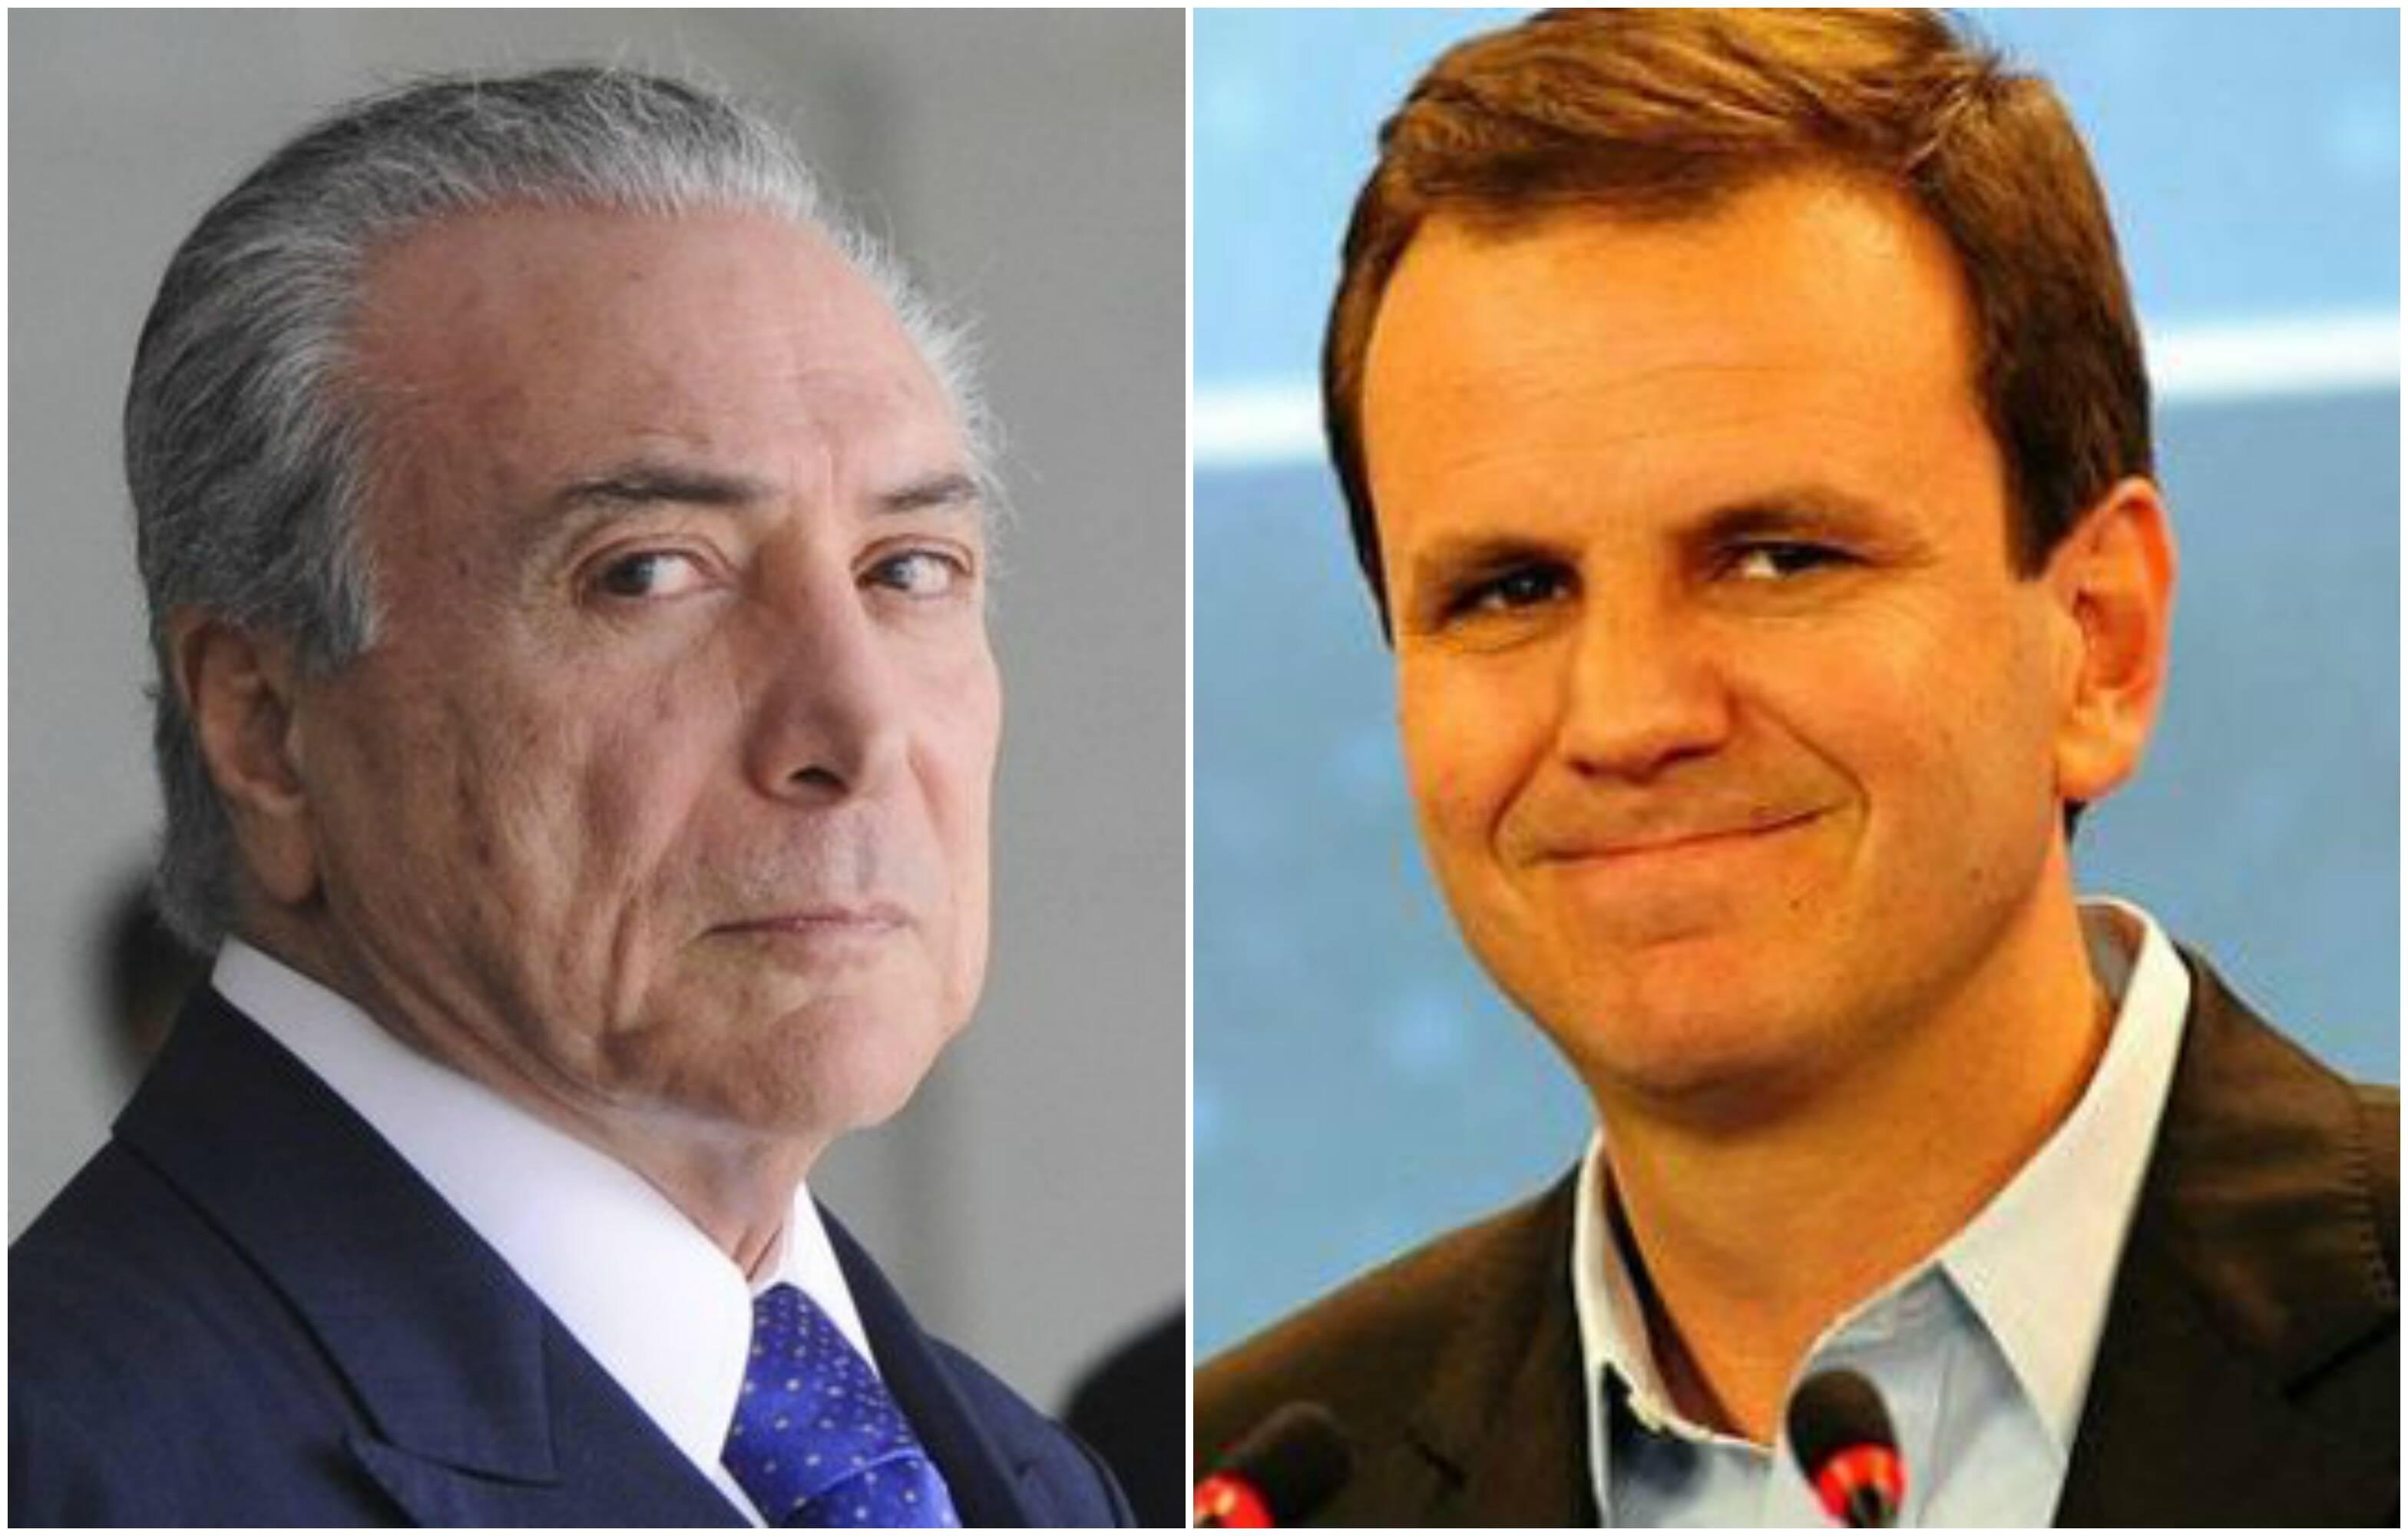 O presidente da República em exercício Michel Temer e o prefeito do Rio Eduardo Paes / Fotos: IG